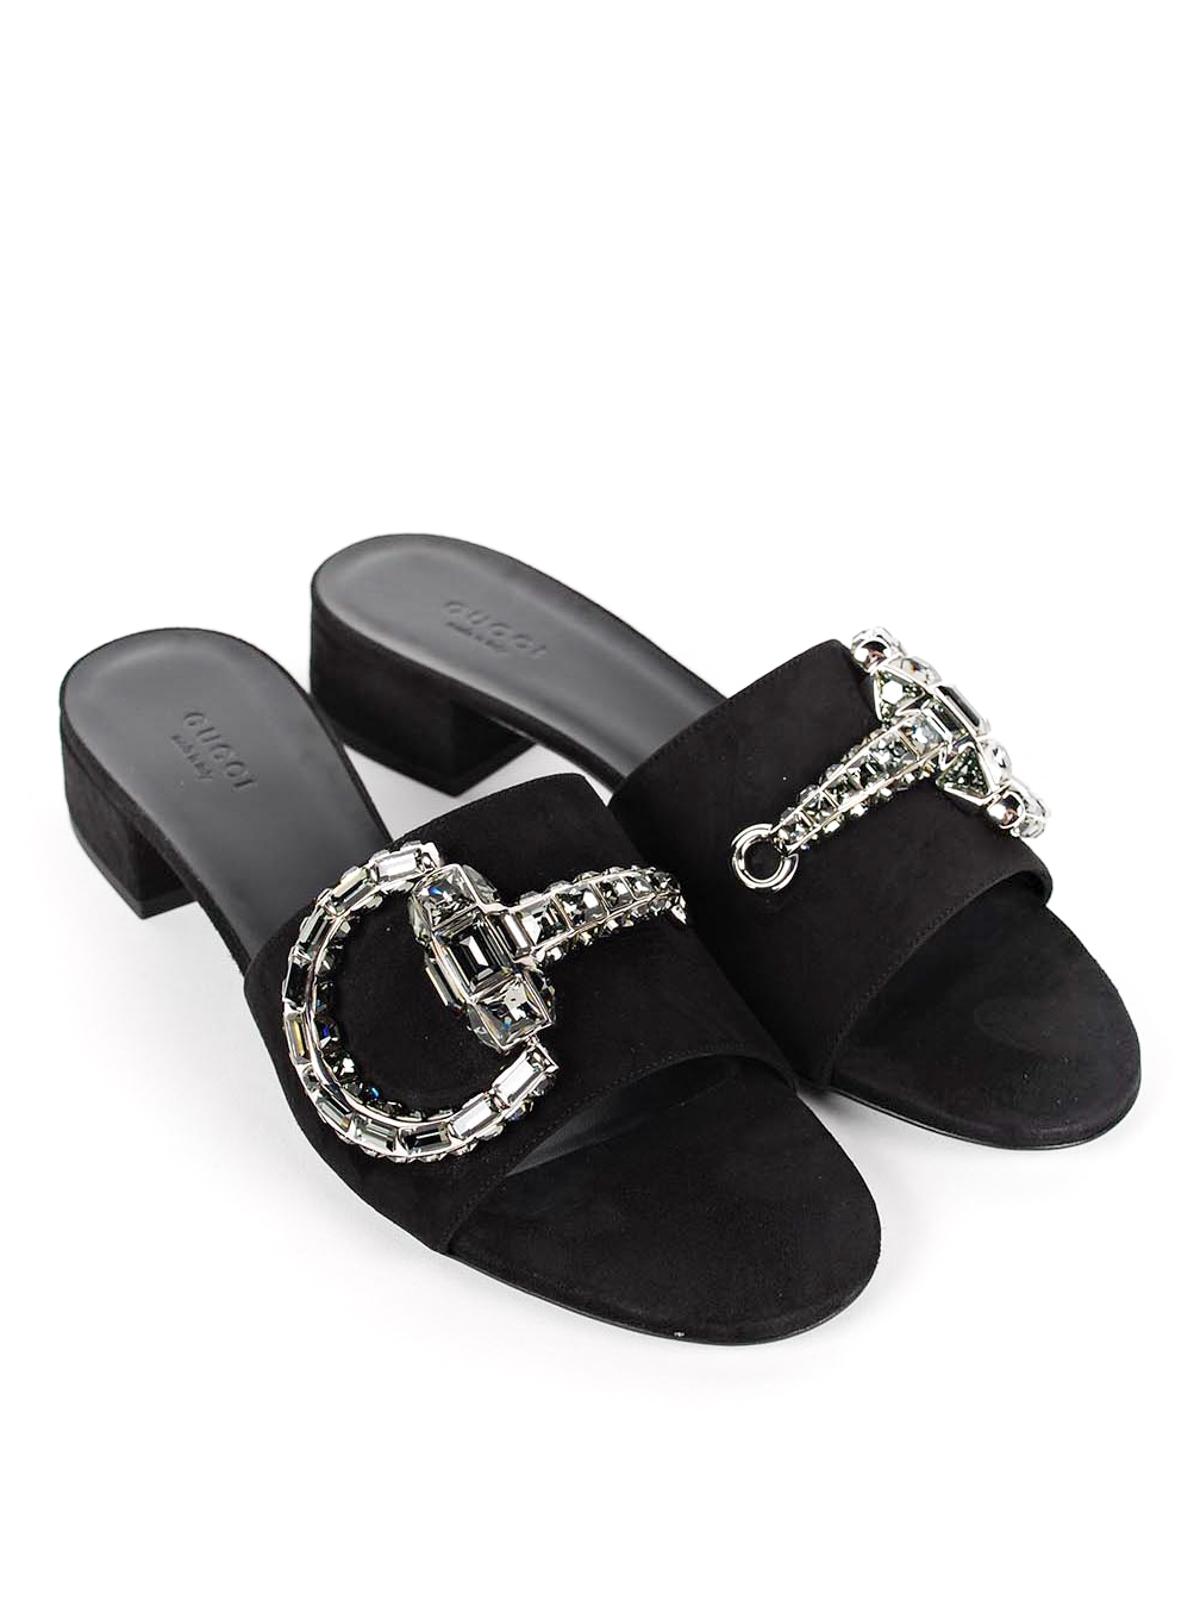 f8622830d52 Gucci - Crystal horsebit sandals - sandals - 371015 C2000 1000 ...